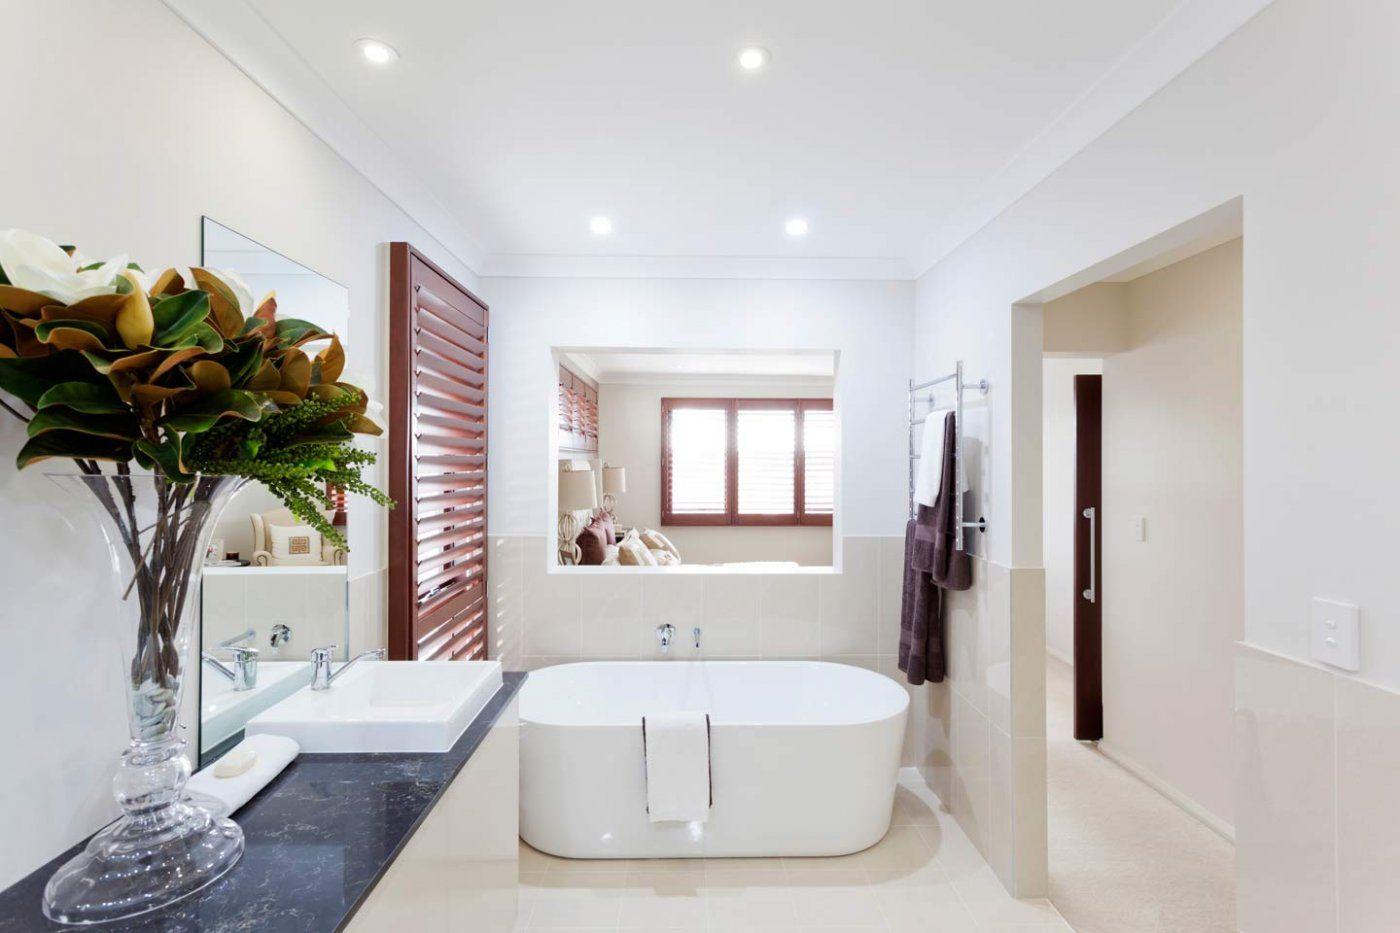 Master Bedroom Ensuite Designs Amazing The Stunning Ensuite In The Master Bedroom Of The Huntingdale Design Ideas